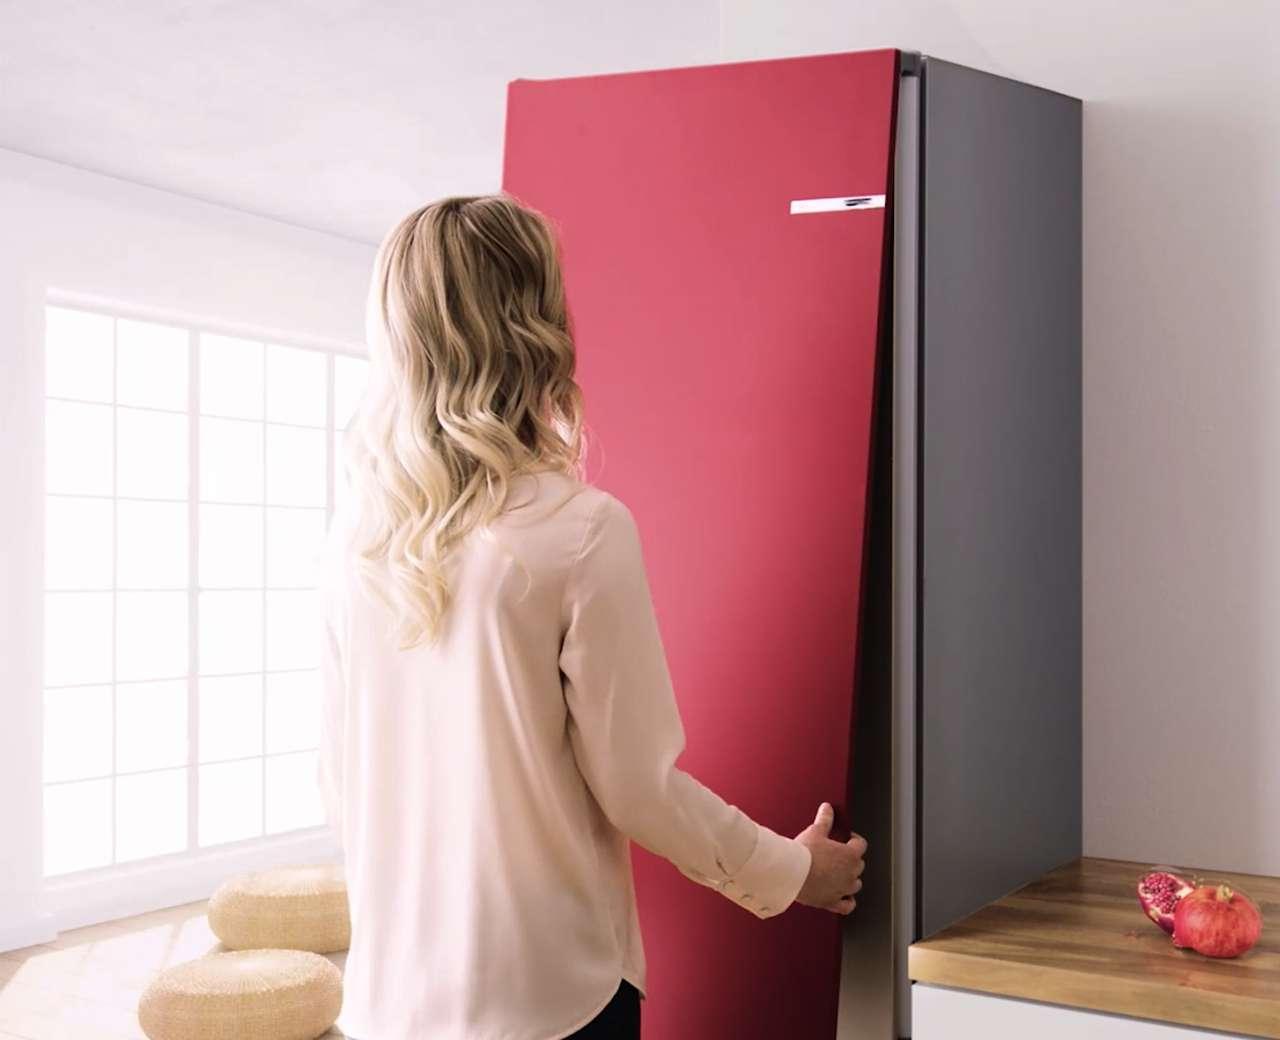 Kühlschrank | Küchen Journal